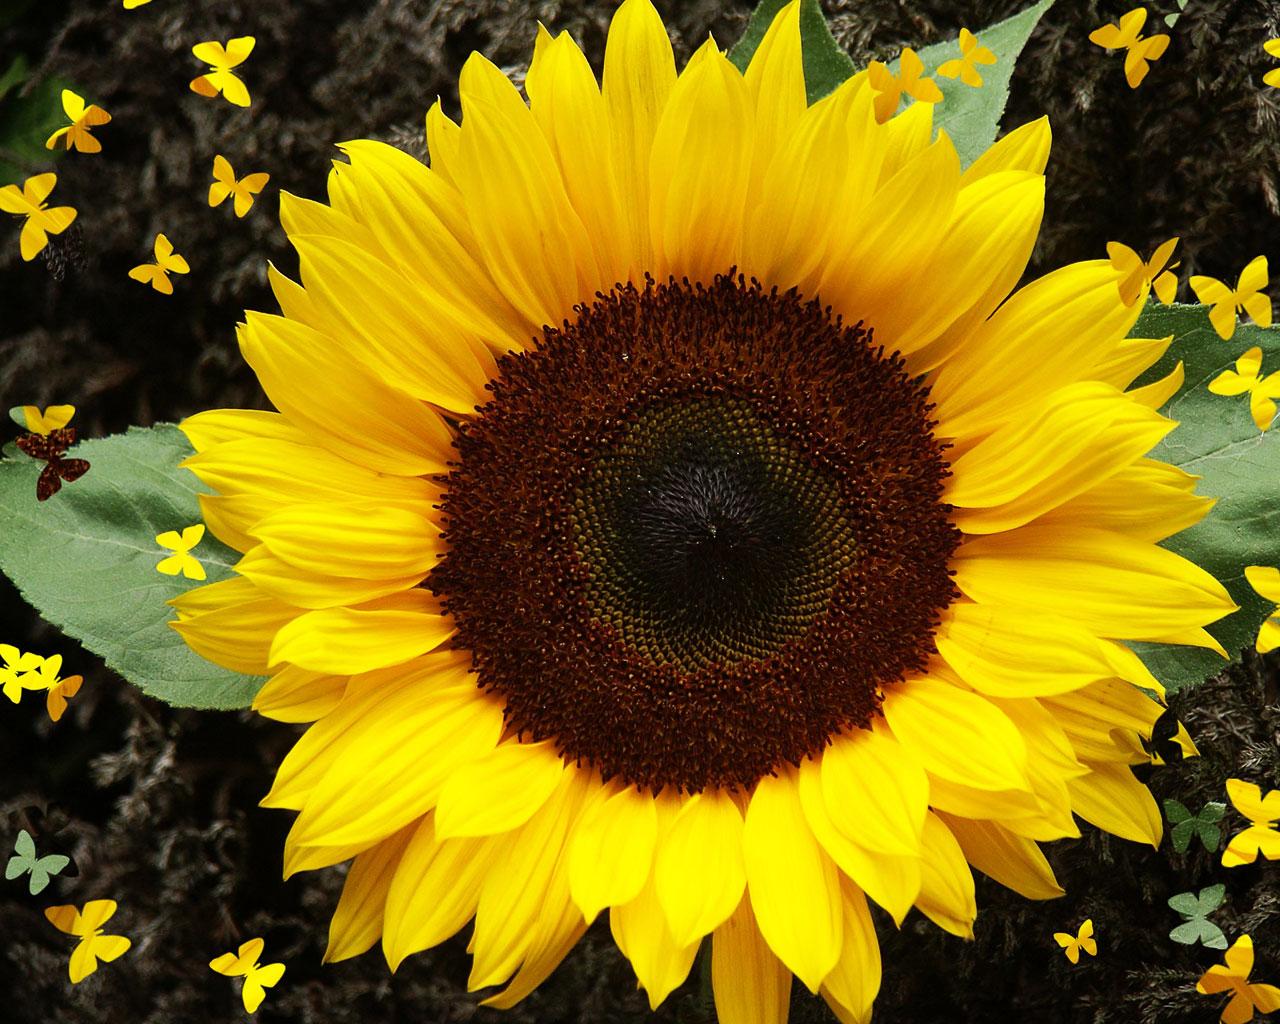 Mengenal Lebih Dekat Dengan Tumbuhan Mengenali Sunflower Bunga Matahari